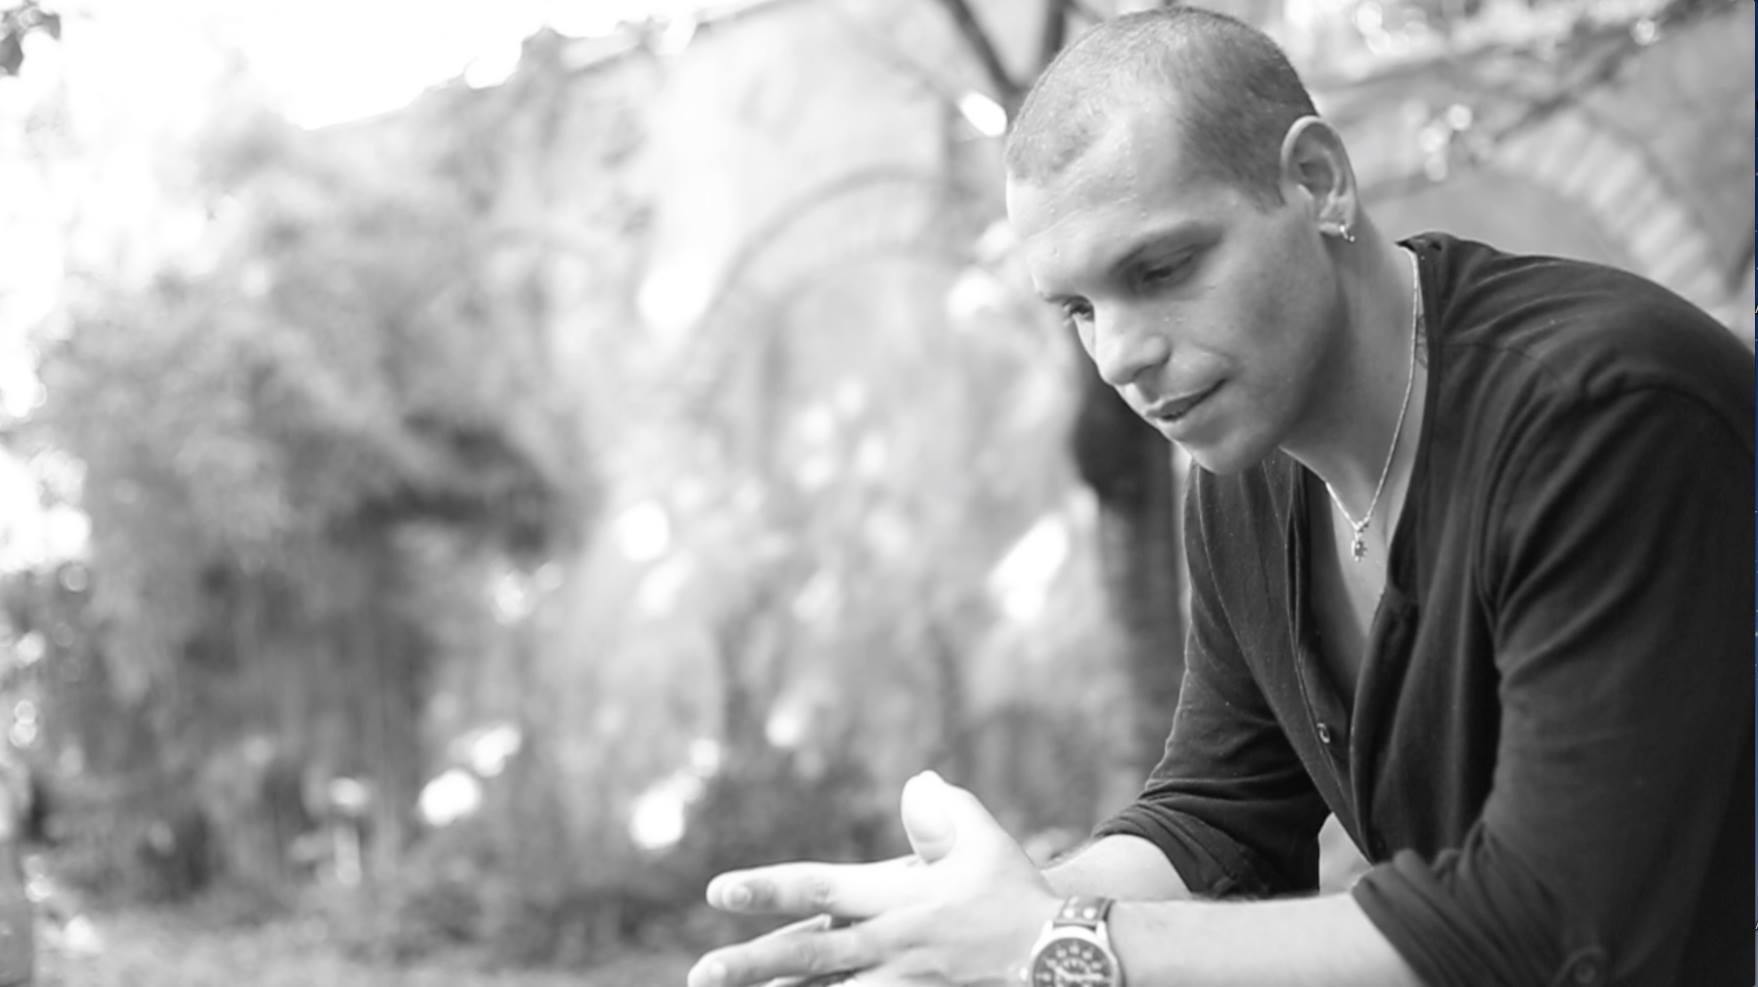 """Mondospettacolo ha incontrato il cantautore toscano Christian Palladino, per parlare del suo nuovo singolo, uscito da poco, dal titolo """"Un'estate fantastica"""" e dei suoi progetti artistici per il futuro prossimo. […]"""